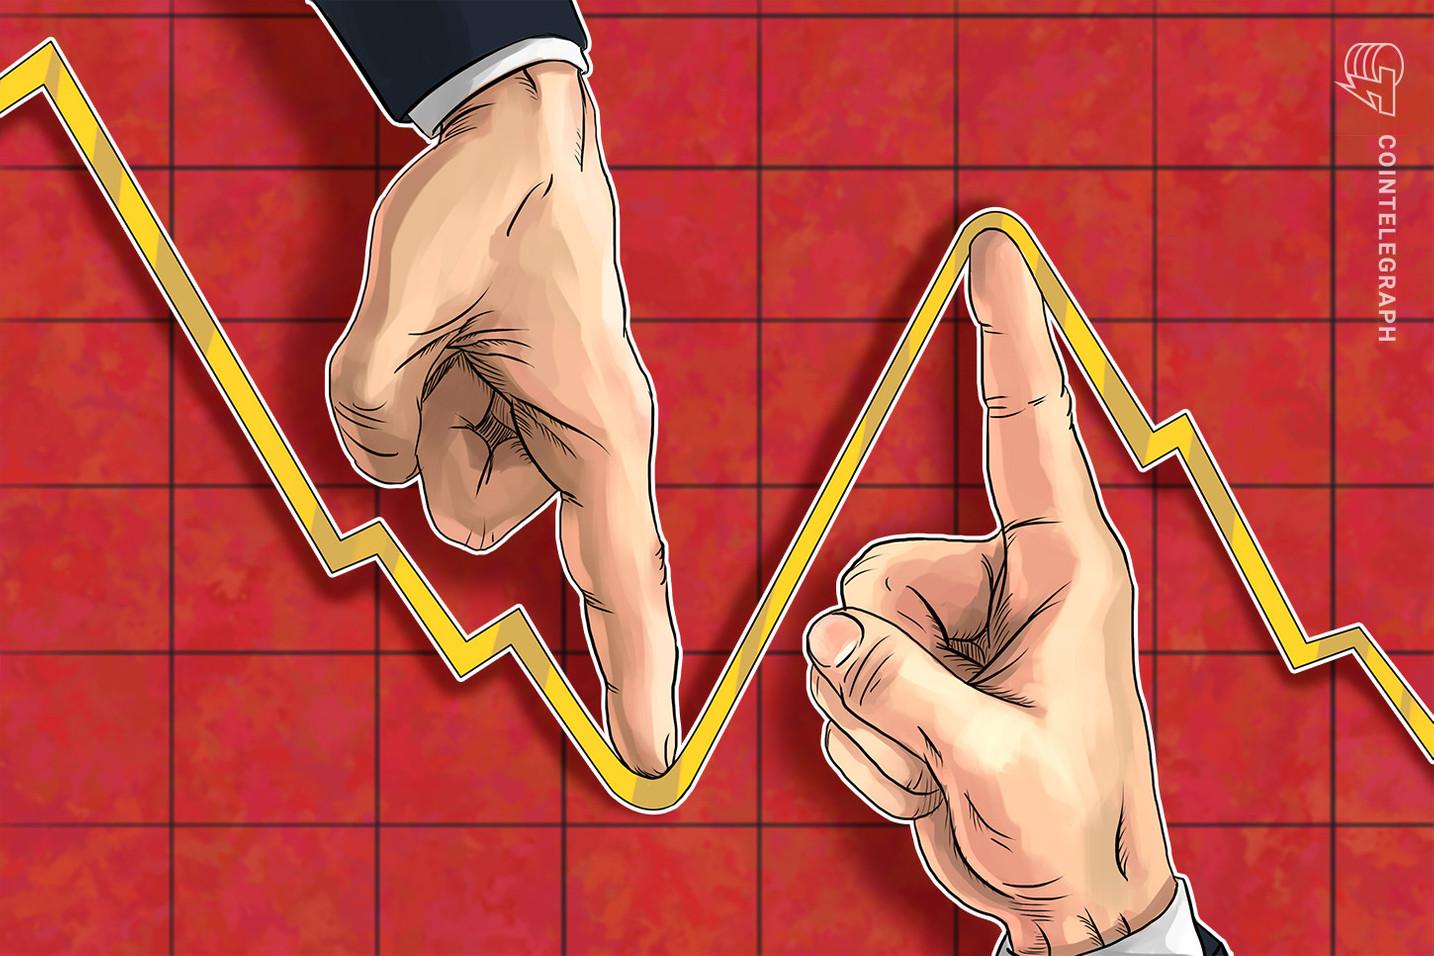 Kurumsal yatırımcılar Çin kaynaklı FUD'u alım fırsatı olarak kullandı